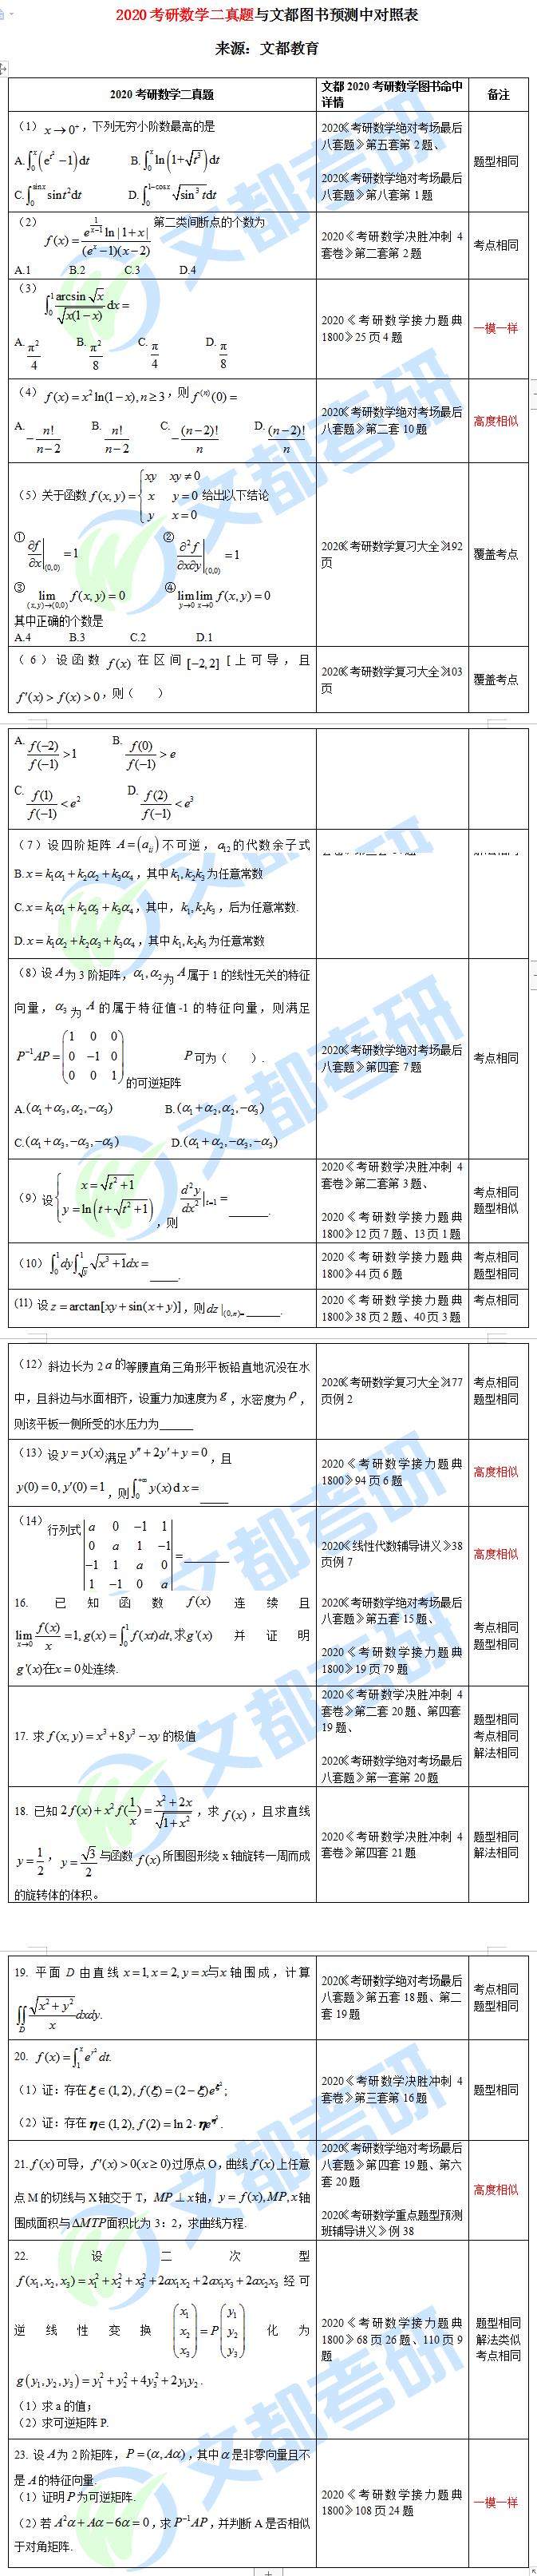 2020考研数学二真题与文都图书预测中对照表